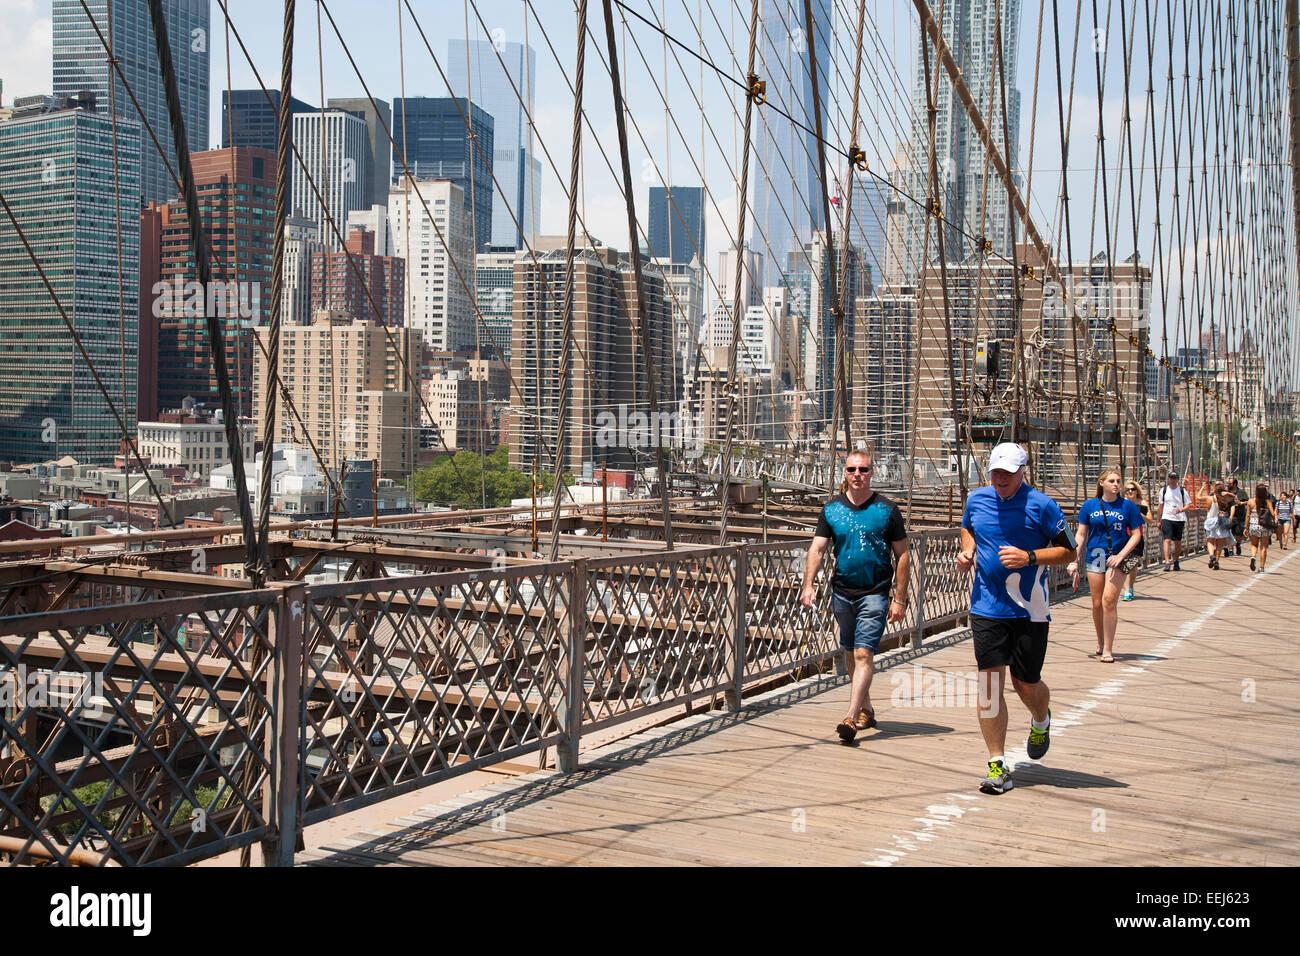 Puente de Brooklyn y el paisaje urbano, el East River de Nueva York, Estados Unidos, América Imagen De Stock